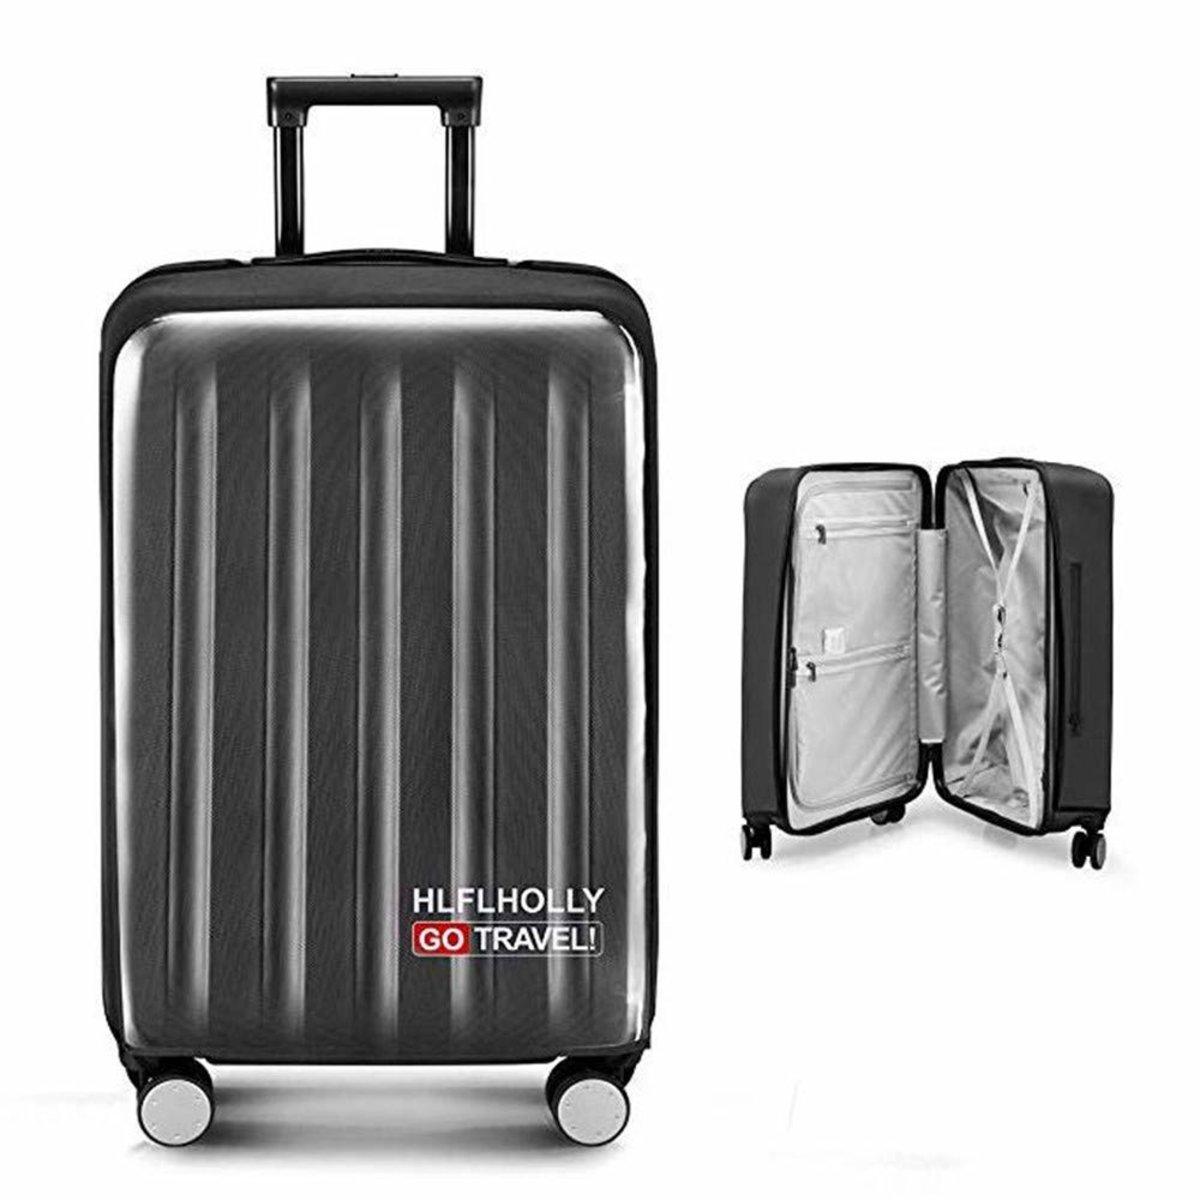 免脫卸行李箱保護套, 黑色 (28寸)